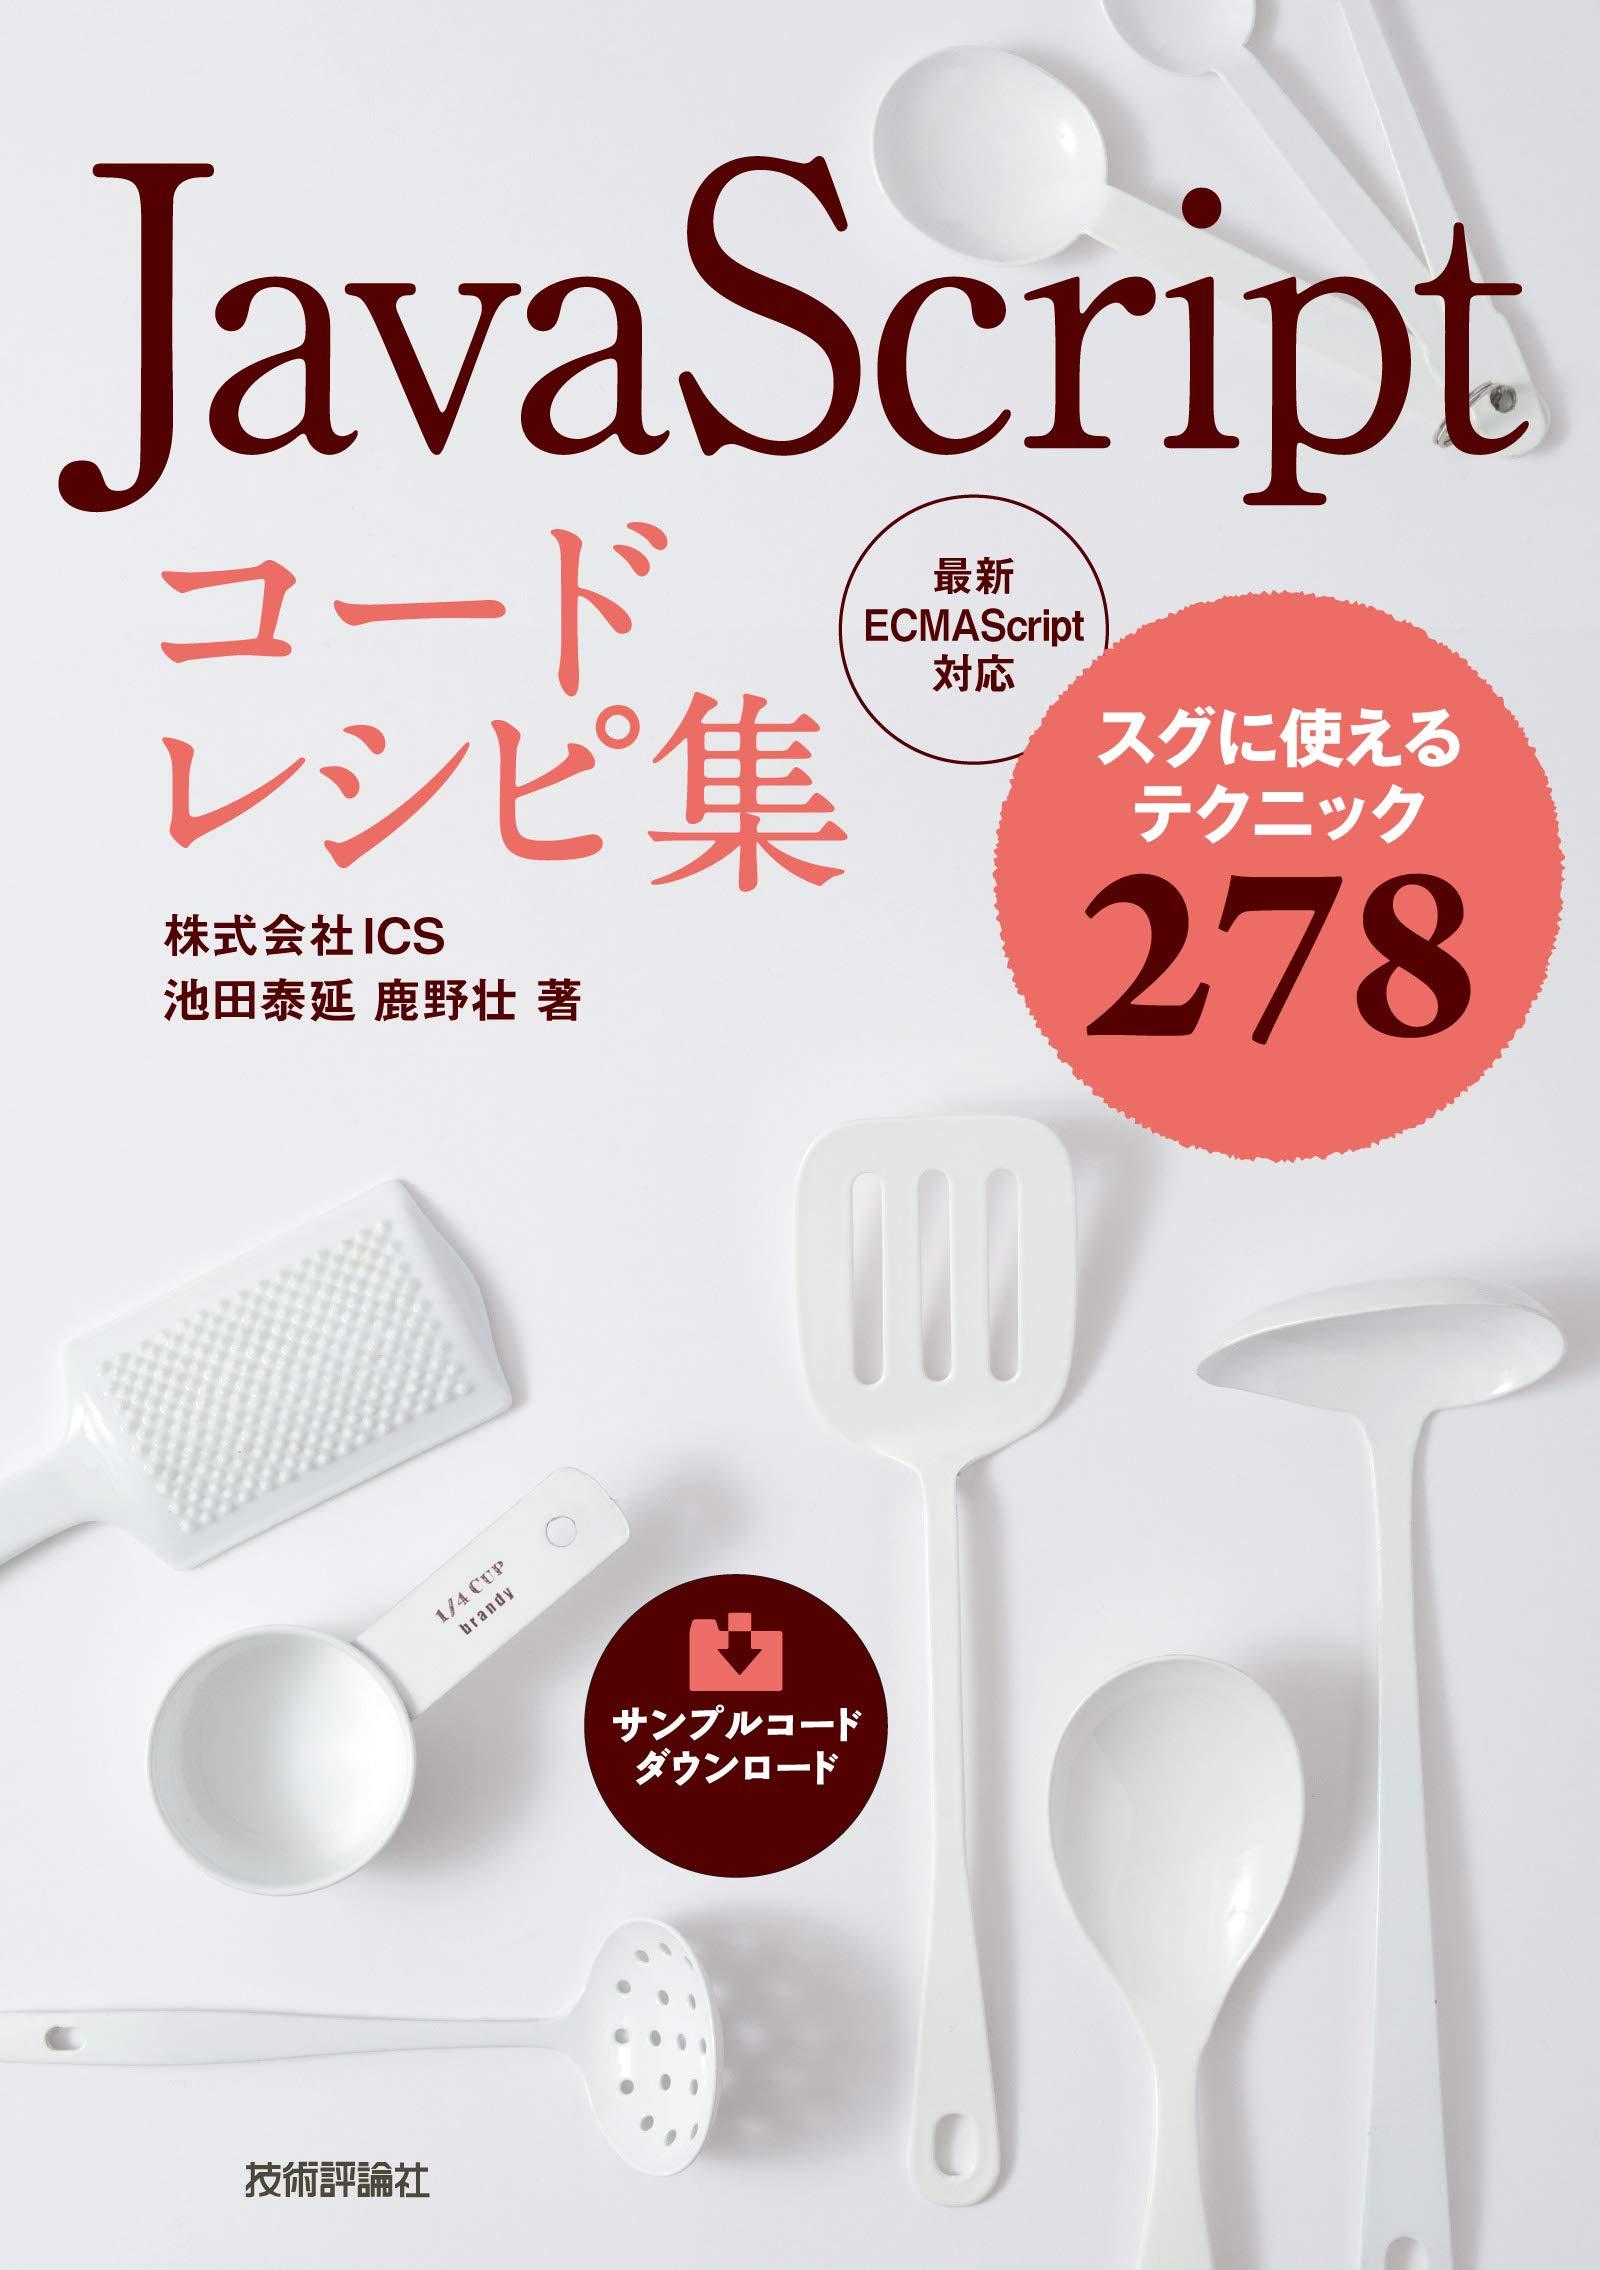 Image of JavaScript コードレシピ集0